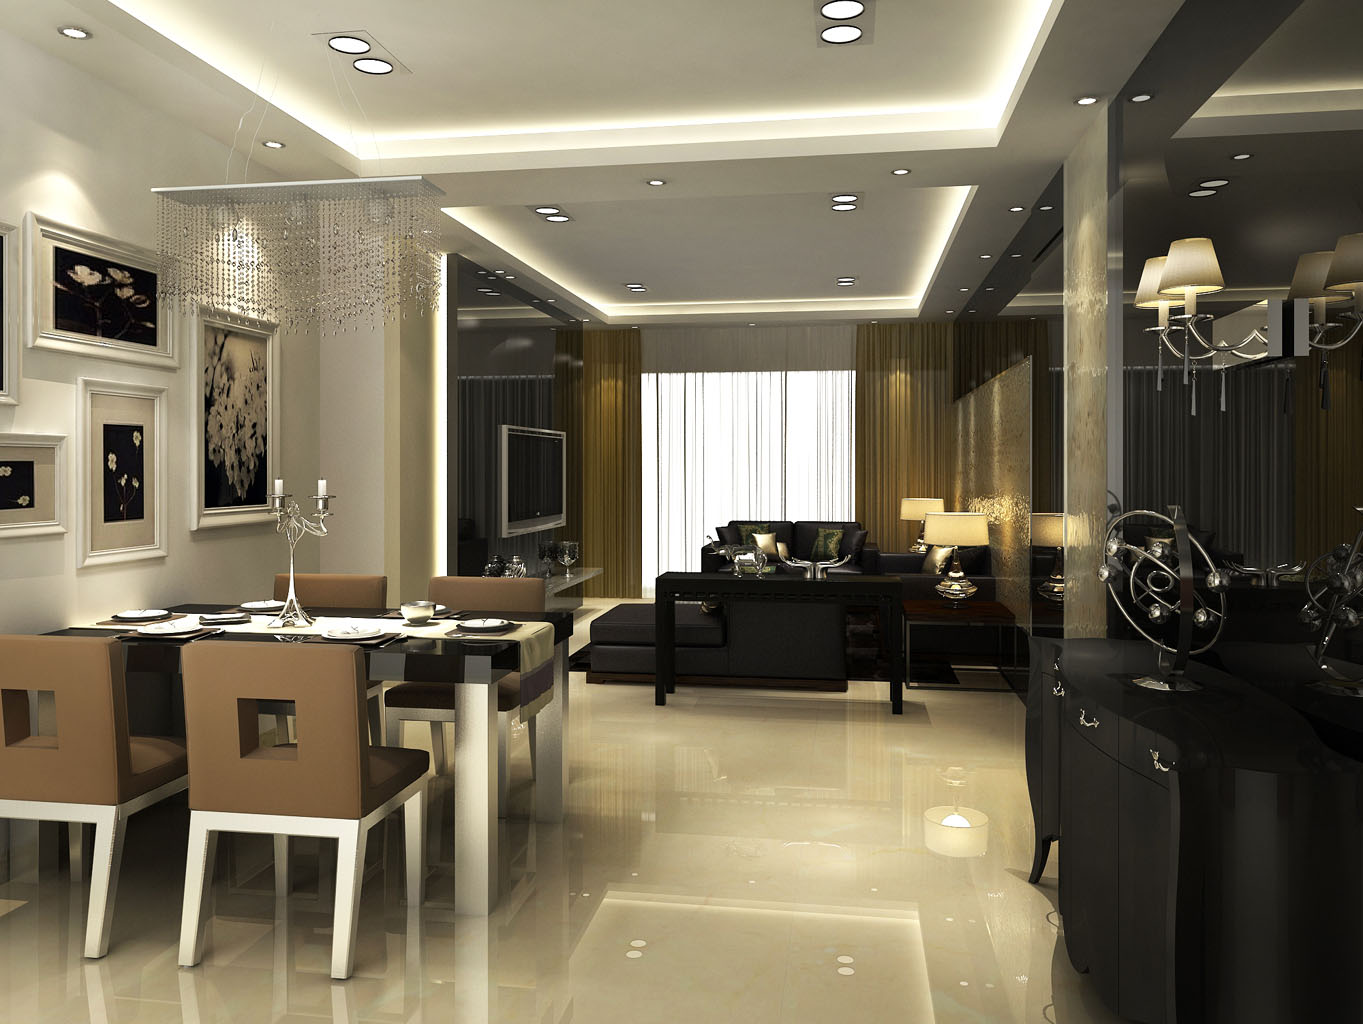 三居 现代 庄士映蝶蓝 小资 新房装修 餐厅图片来自传承正能量在20.7万的现代主义会所和假期居室的分享